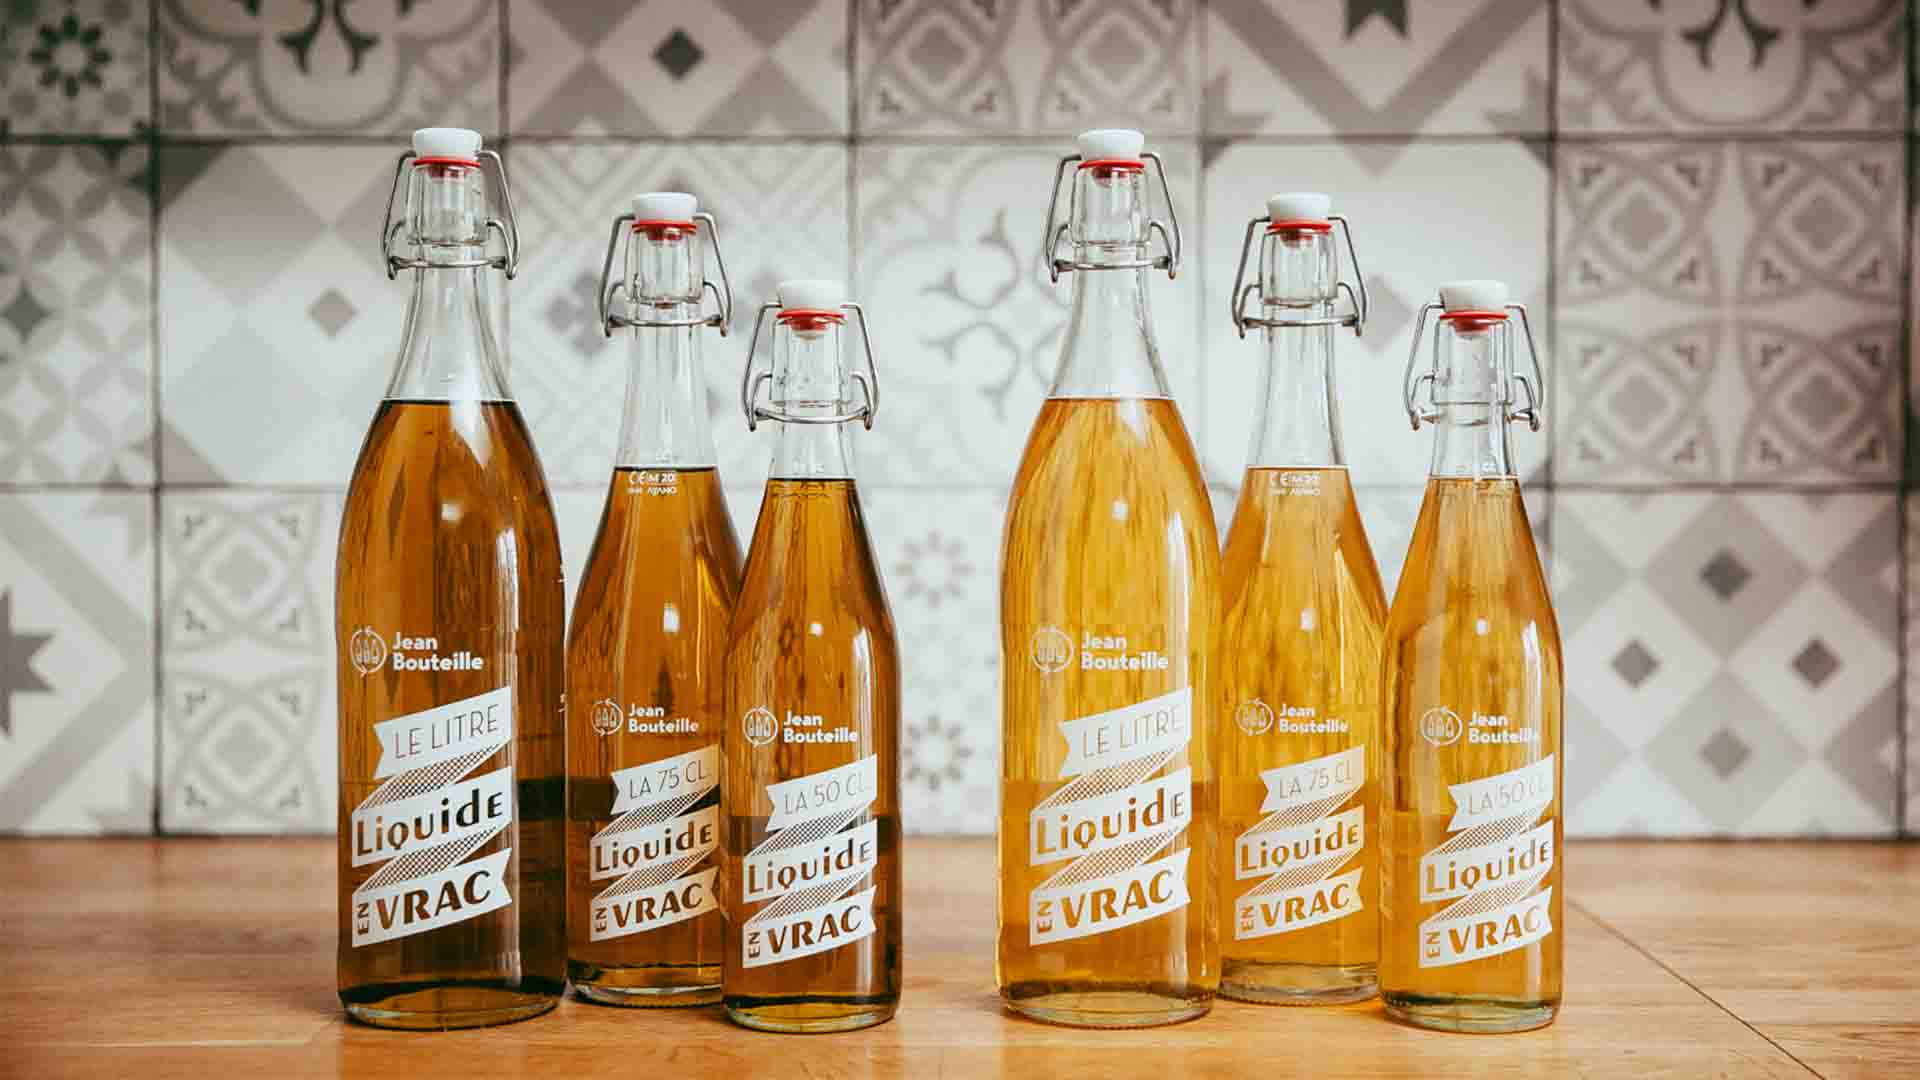 Jean Bouteille producteur français vrac liquide bouteille consignée